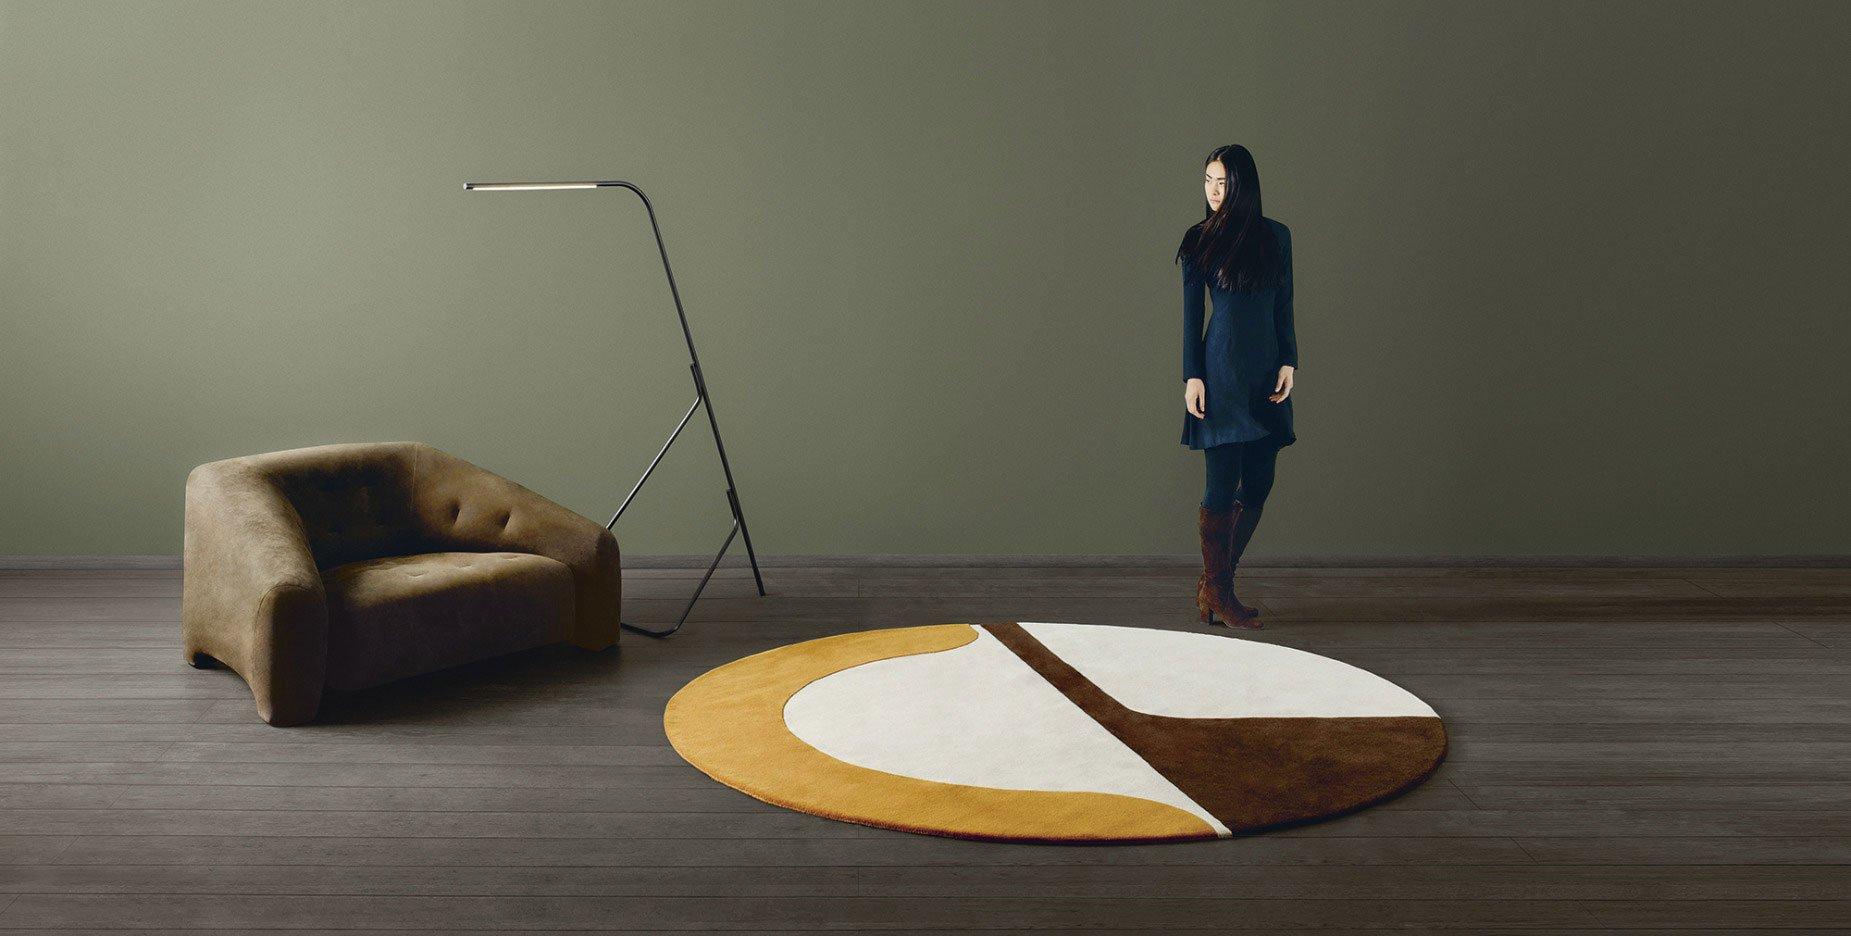 LaDatina_handmade_carpets_collezione_DesignIcons